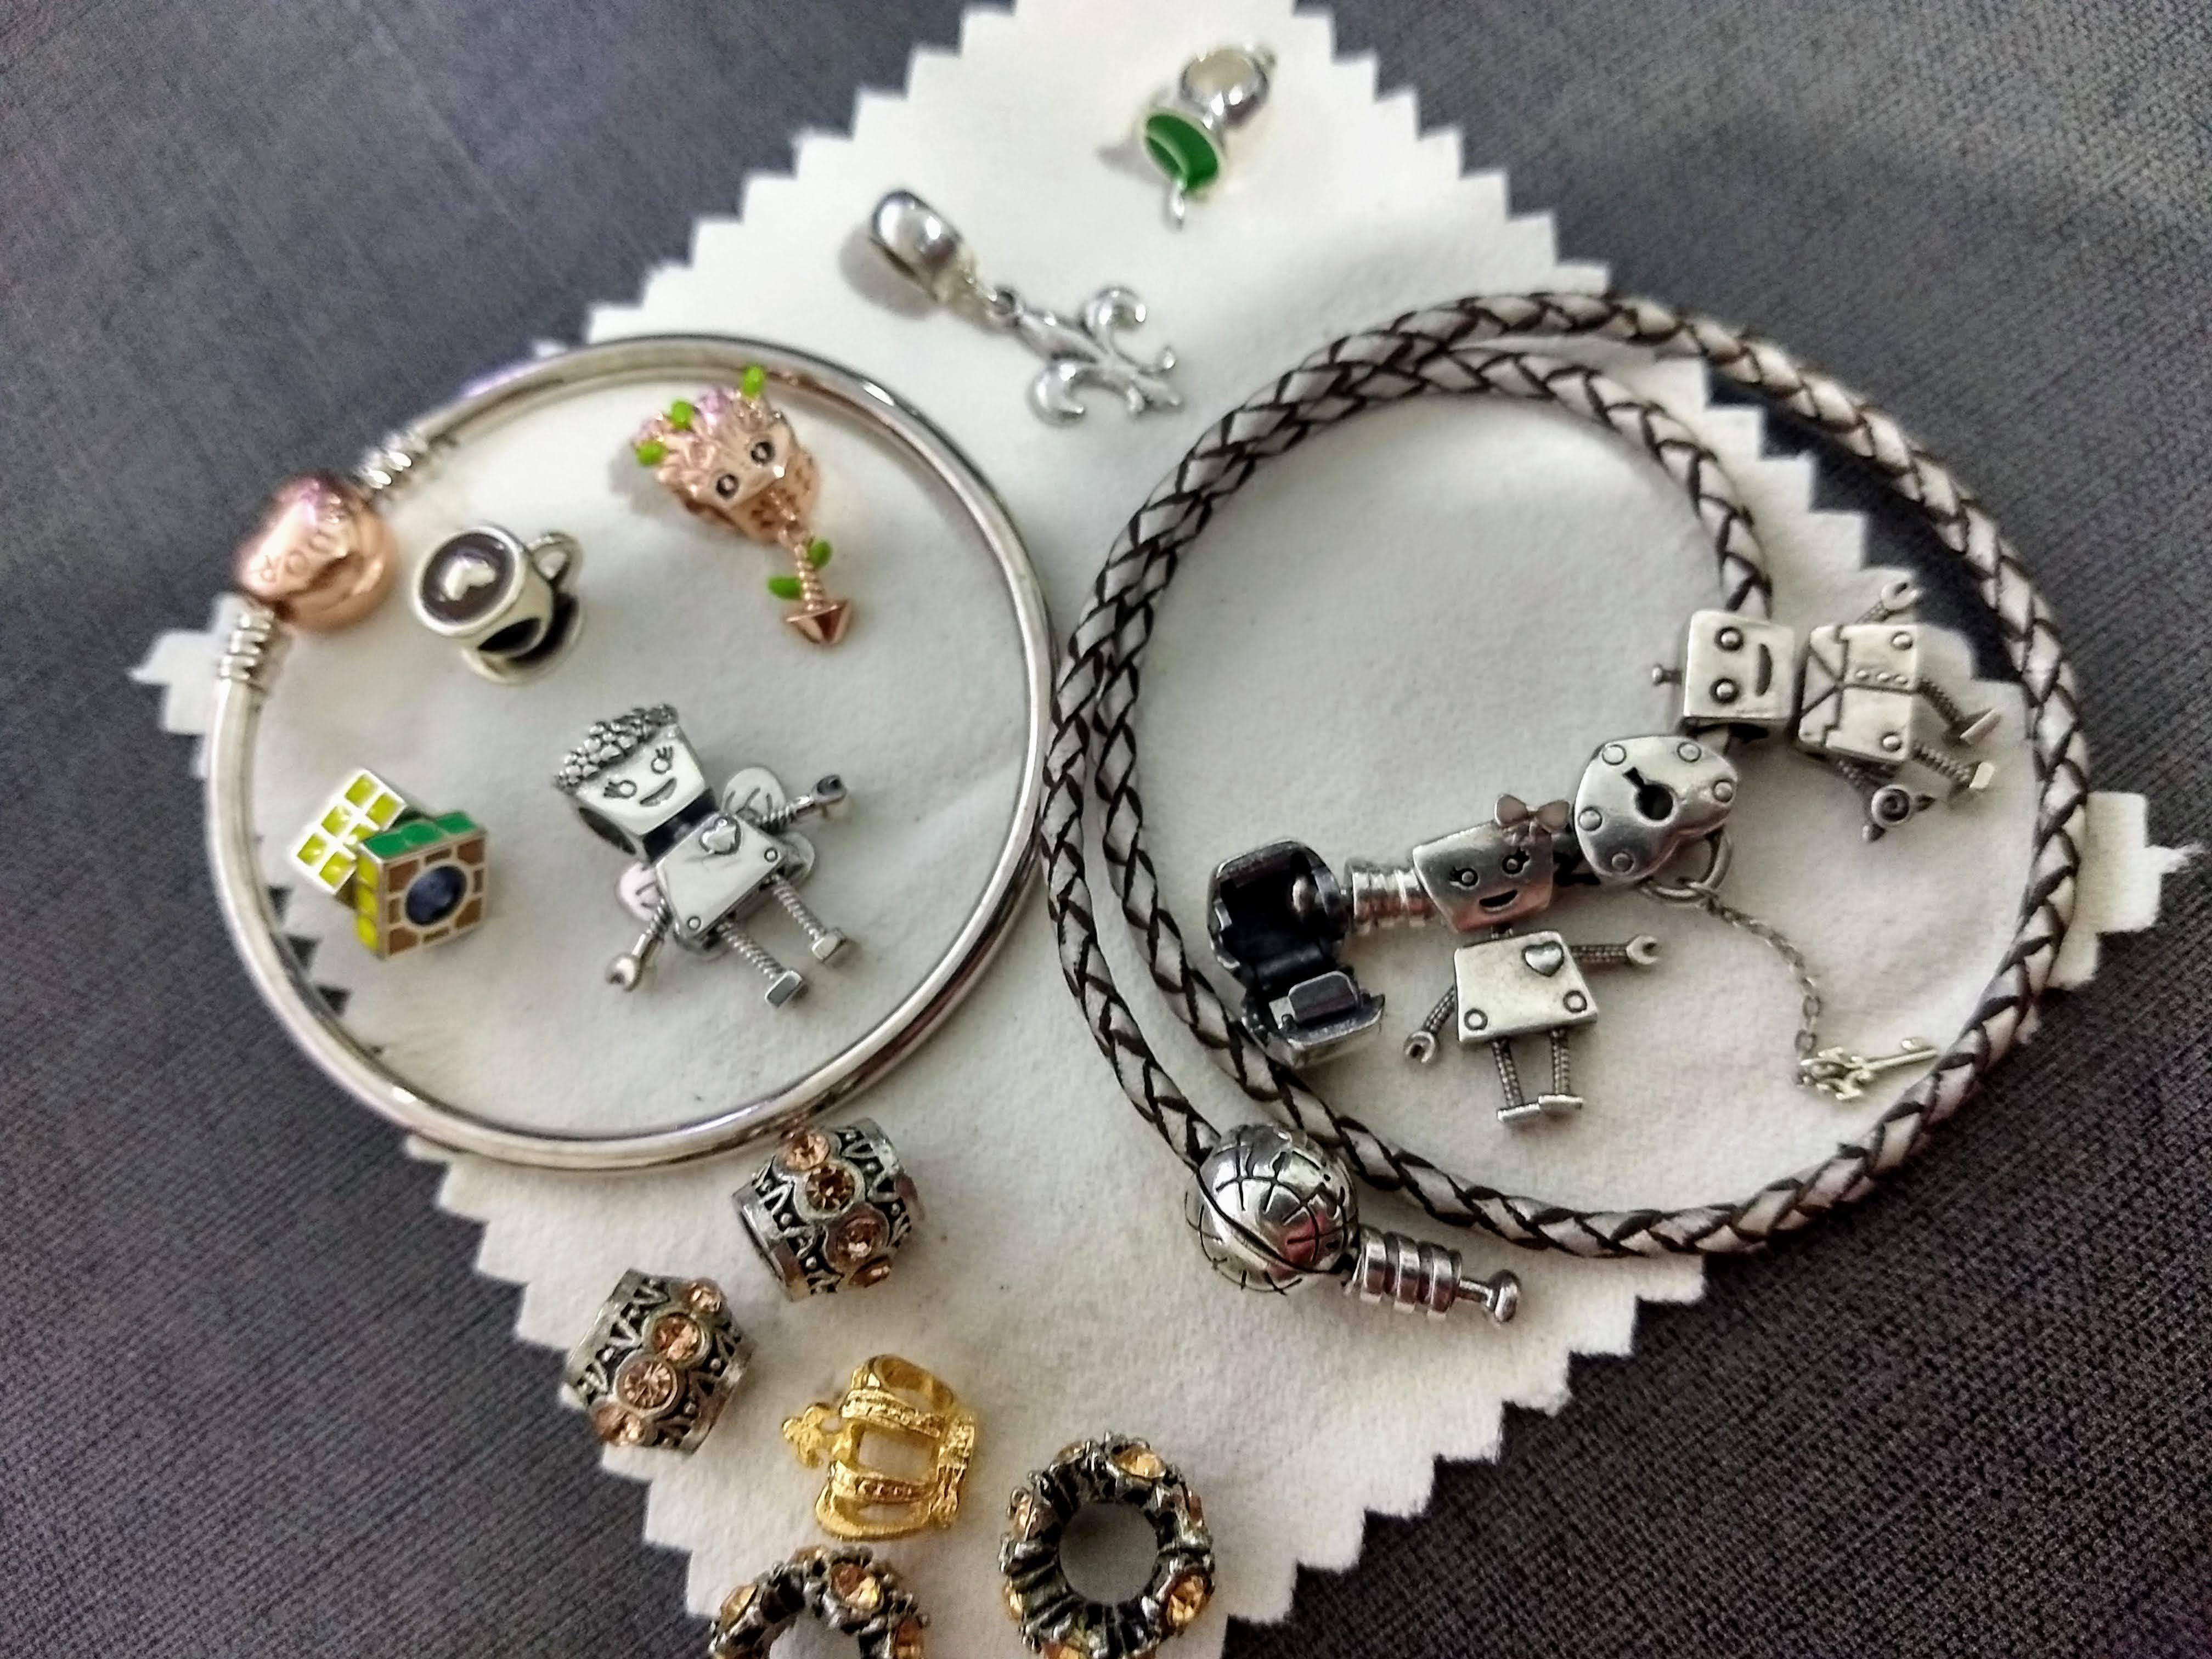 berloque charm vivara pandora charm bracelet berloques no aliexpress